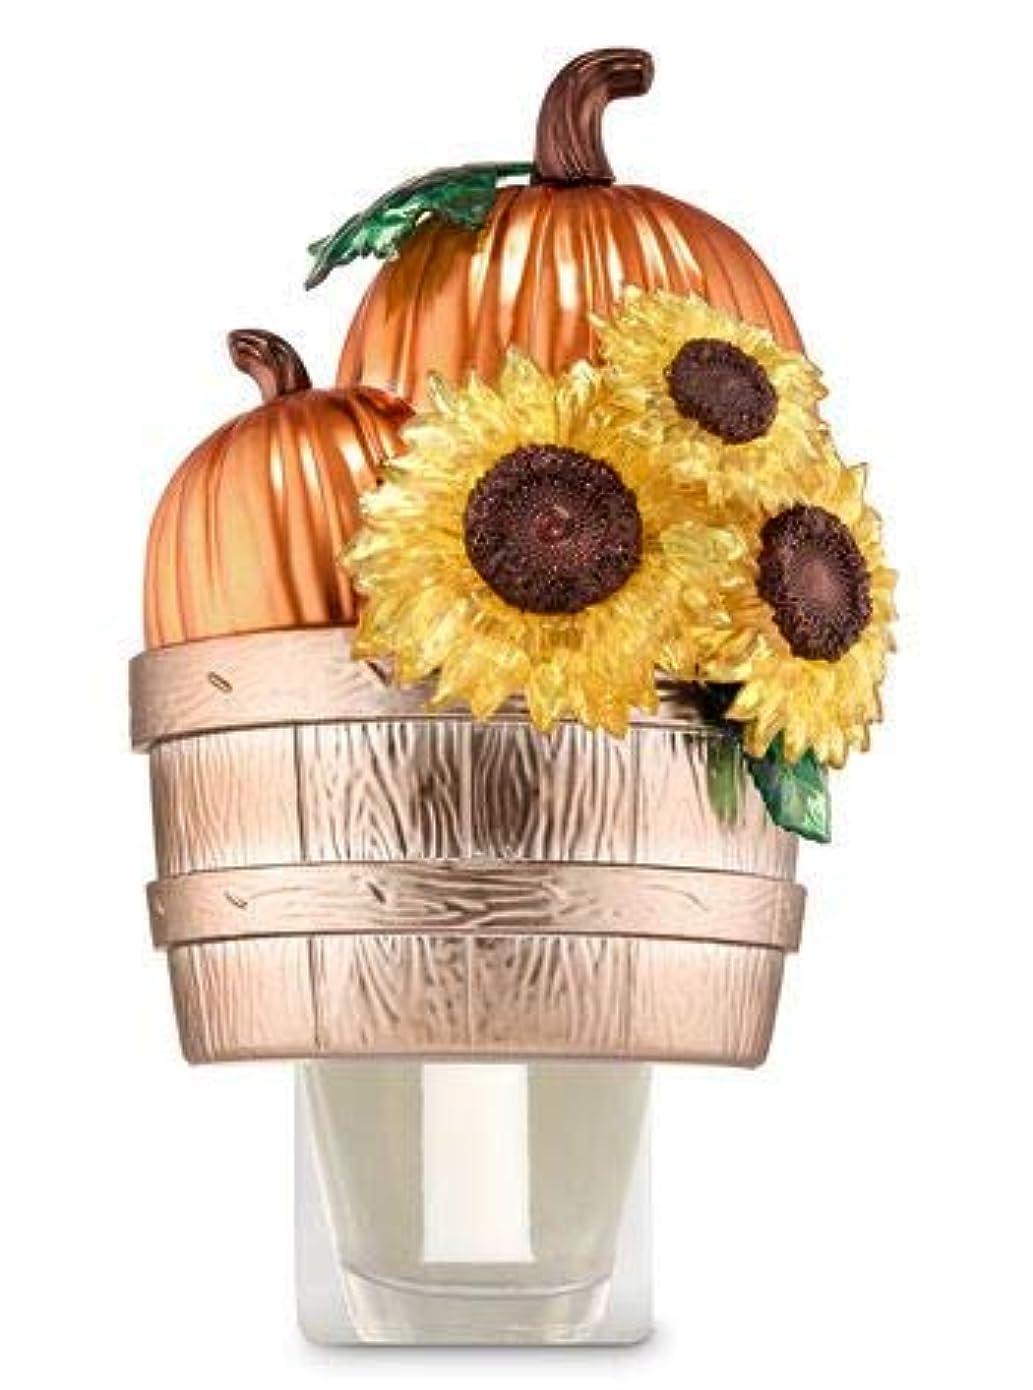 杭無法者地震【Bath&Body Works/バス&ボディワークス】 ルームフレグランス プラグインスターター (本体のみ) パンプキン&サンフラワーバスケット Wallflowers Fragrance Plug Pumpkins & Sunflowers Basket [並行輸入品]